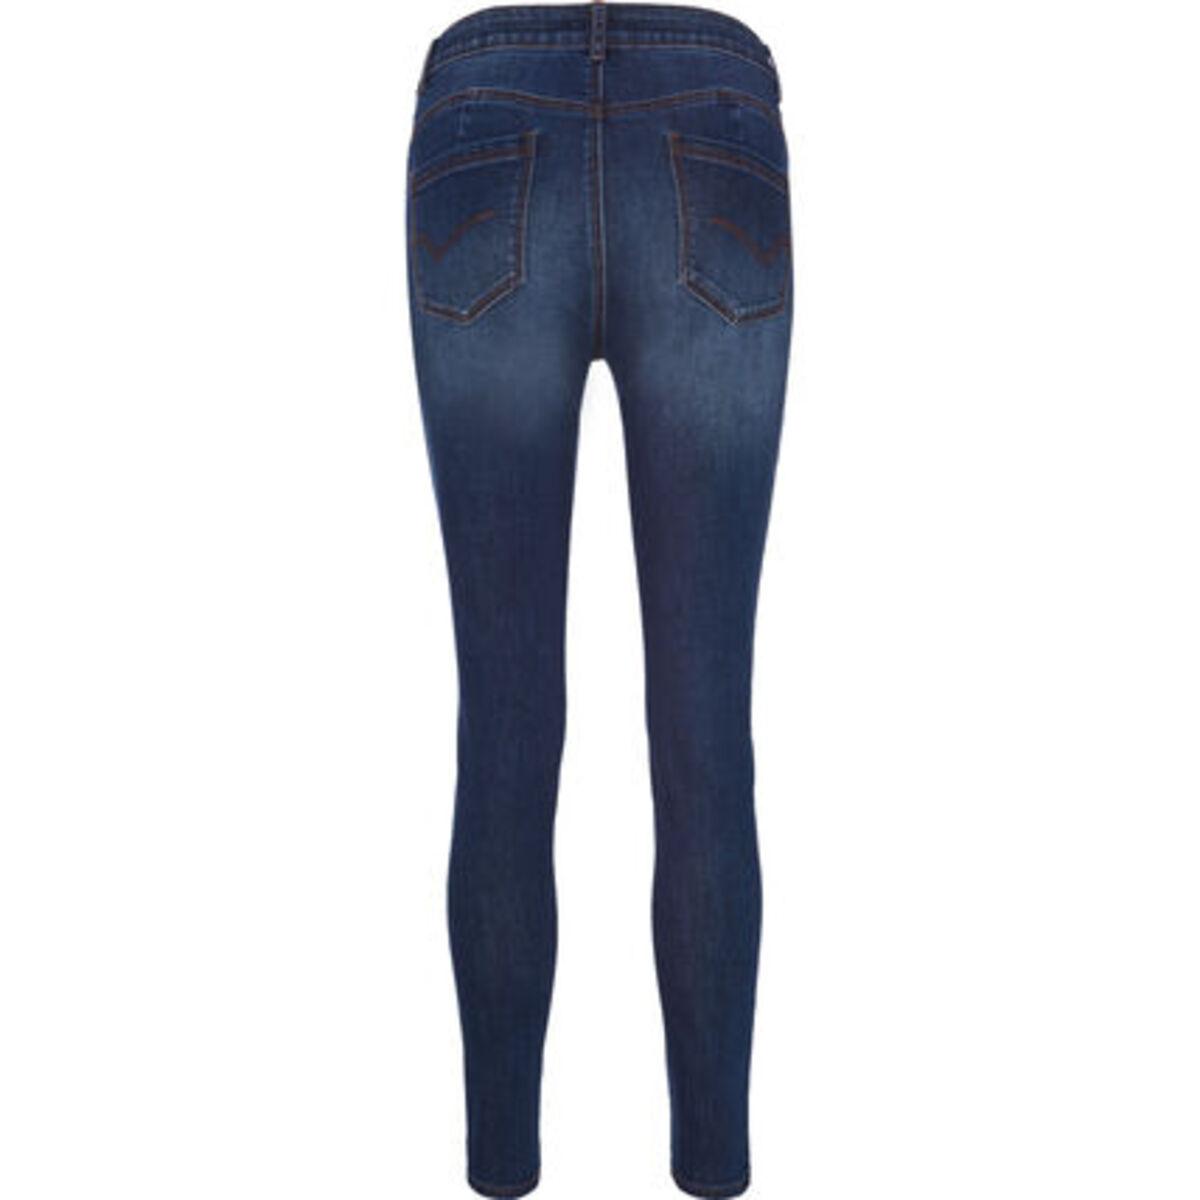 Bild 2 von MANGUUN Jeans, 5-Pocket-Stil, Used-Look, für Damen